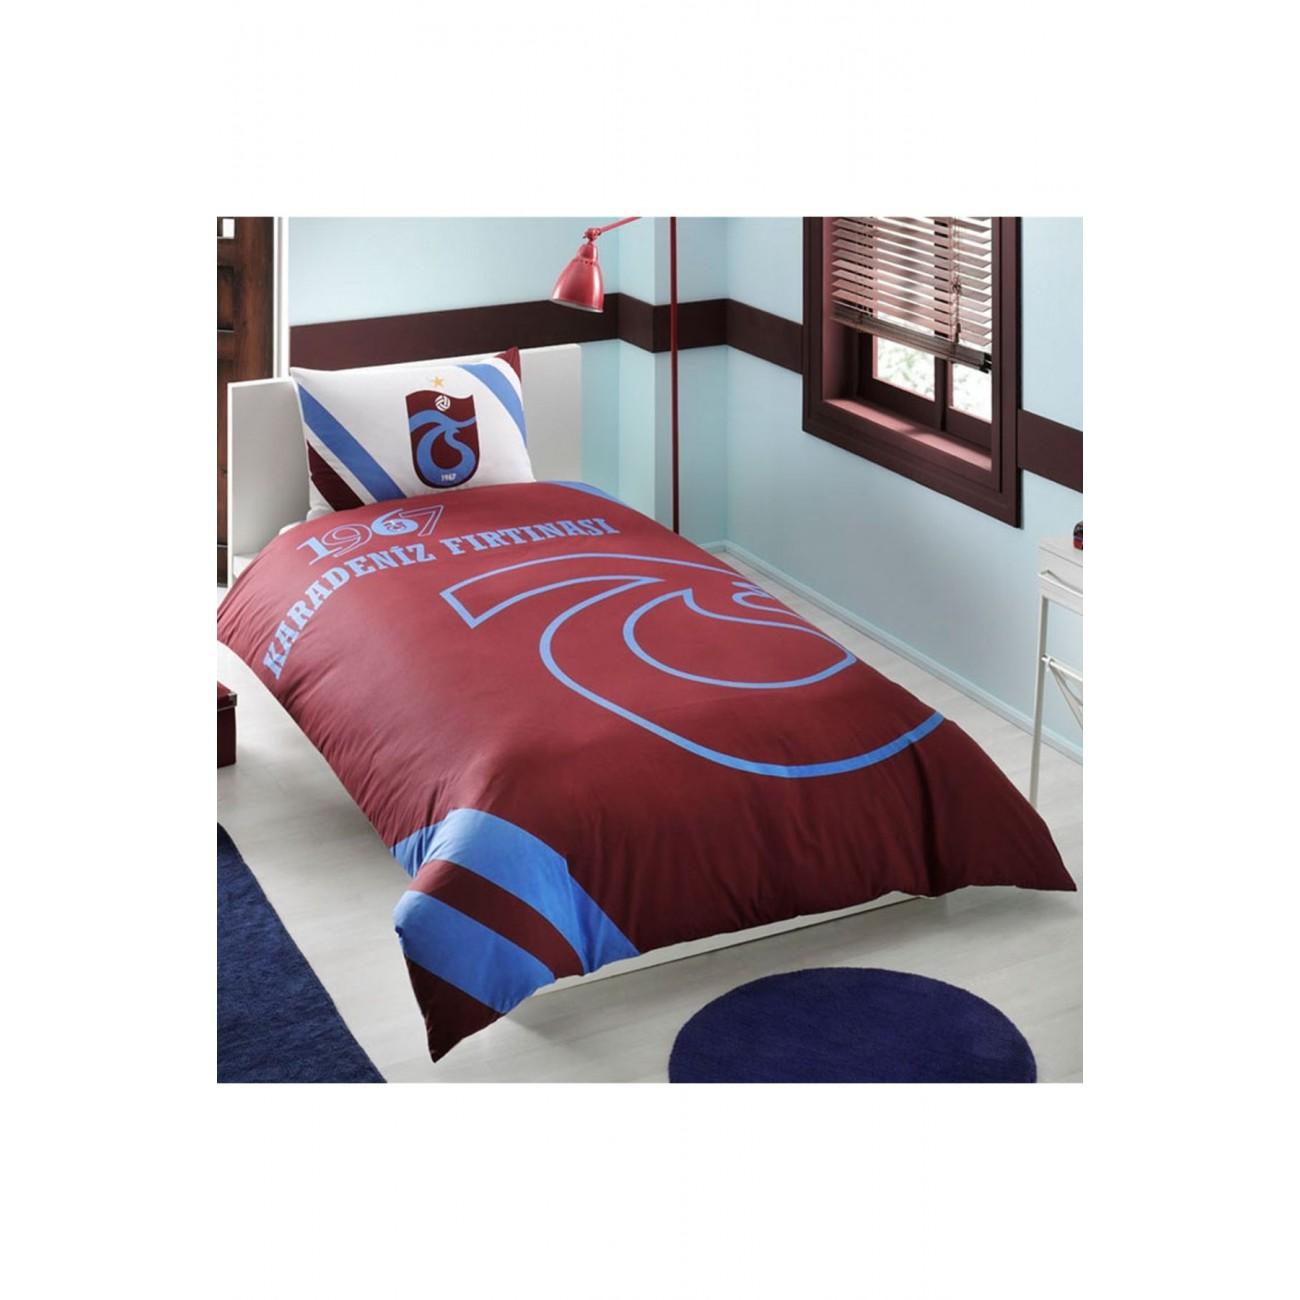 bettw sche und handt cher waschen kleiderschr nke tiefe 40 cm schlafzimmer modern einrichten. Black Bedroom Furniture Sets. Home Design Ideas